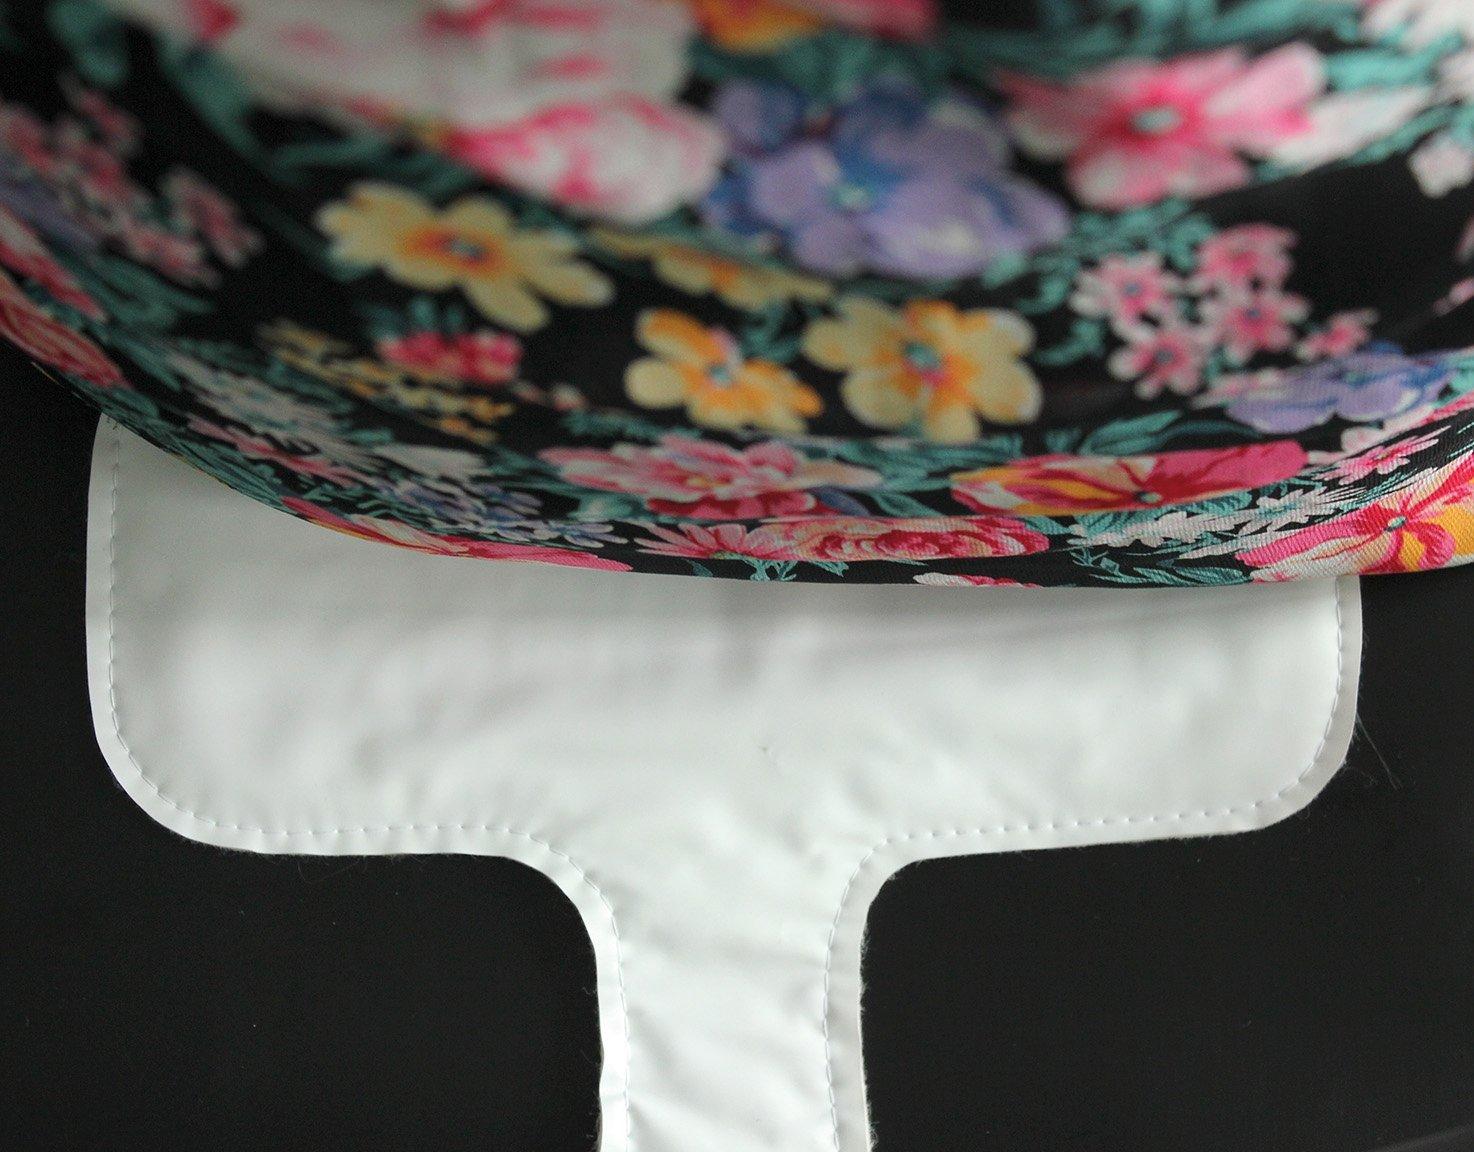 Das Sitzkissen ist voller Sensoren, die jede Körperbewegung erfassen und die Daten per Bluetooth an den Computer übertragen. Über diese Bewegungen des Körpers wird der Avatar des Computerspiels gesteuert.